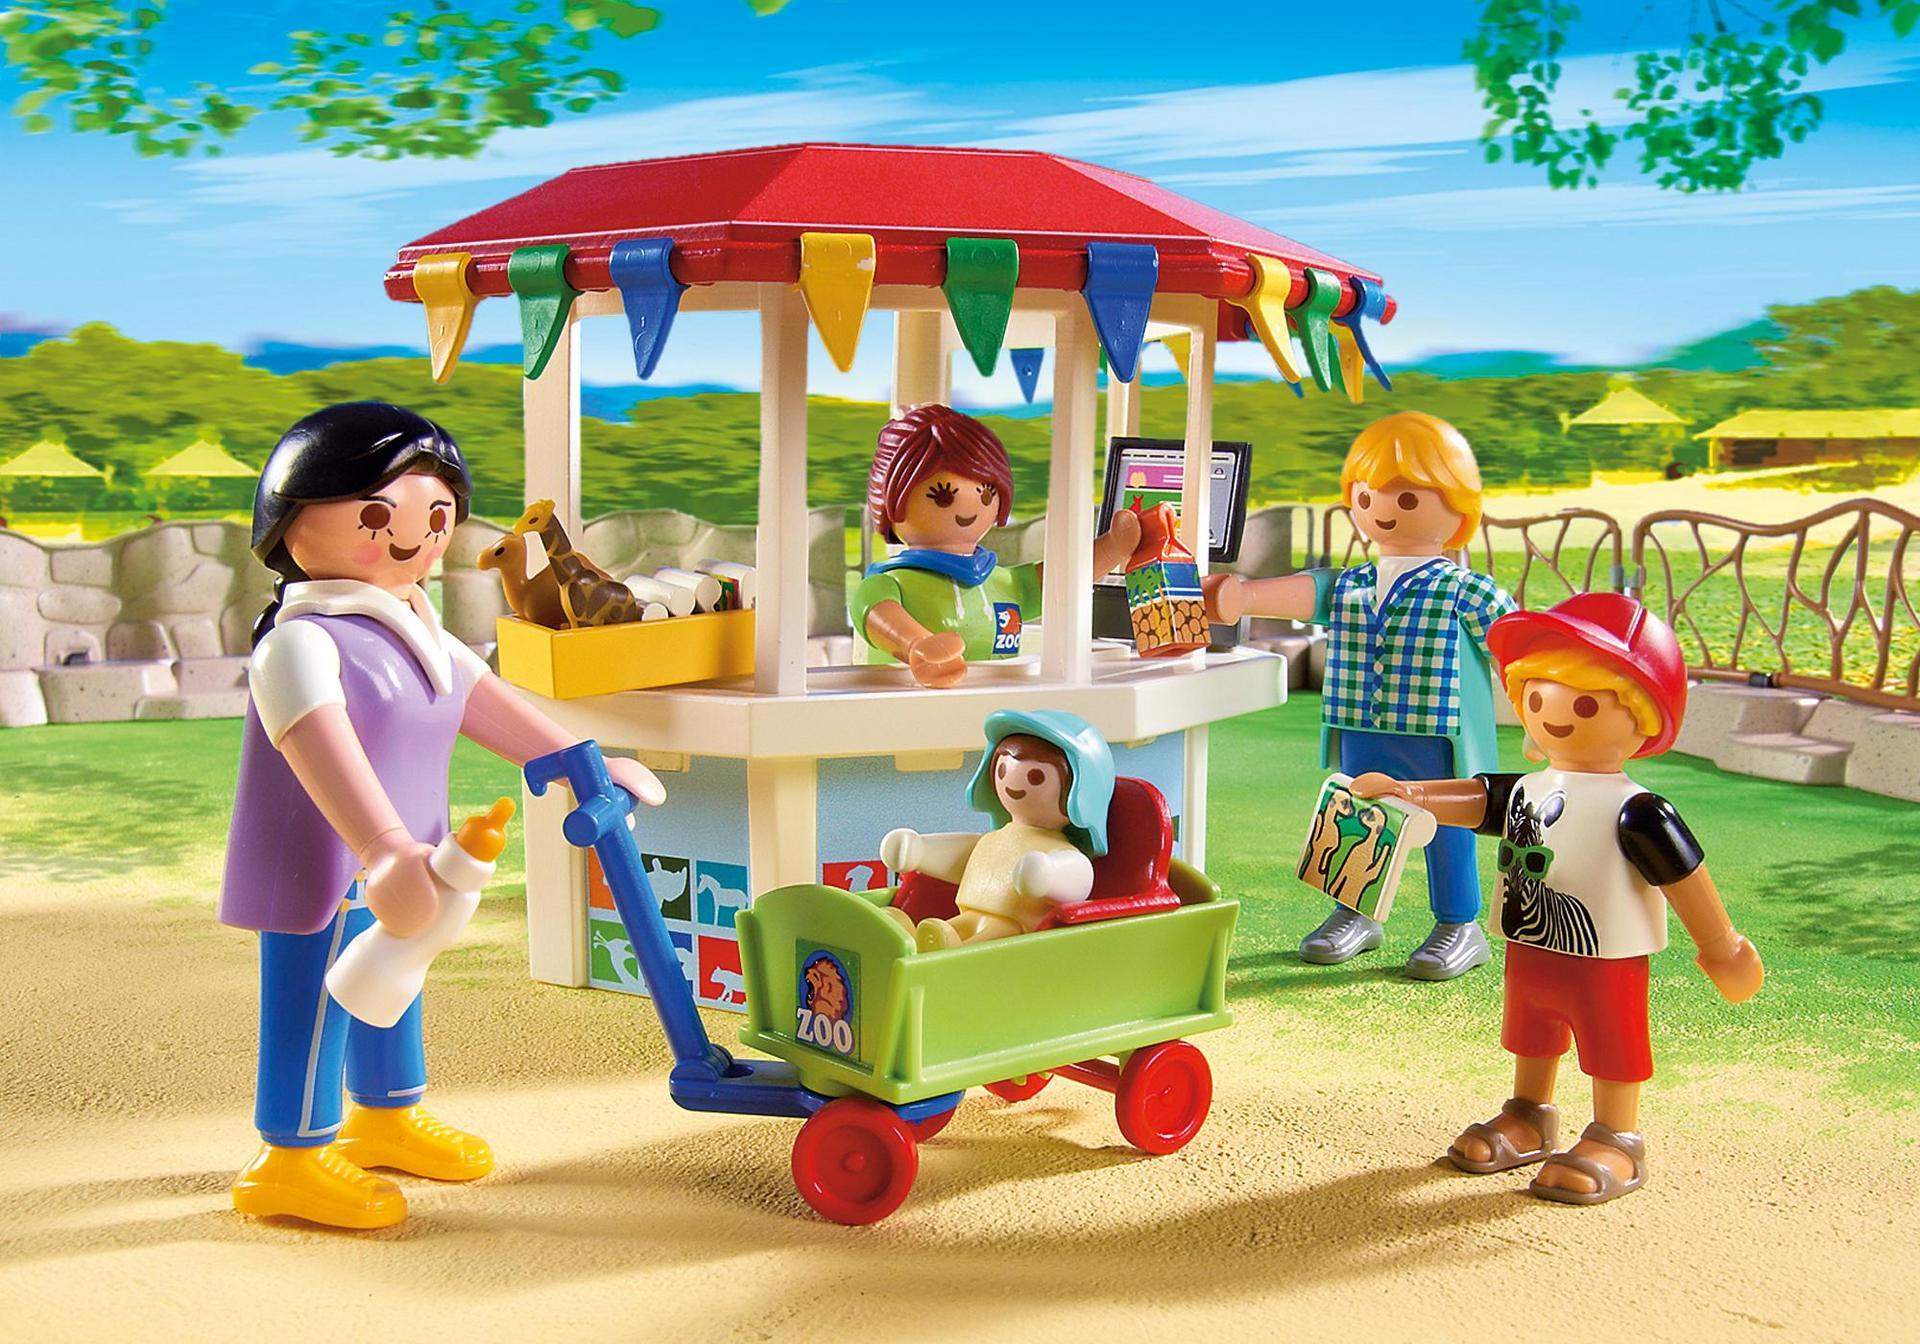 gran zoo 6634 playmobil espa a. Black Bedroom Furniture Sets. Home Design Ideas